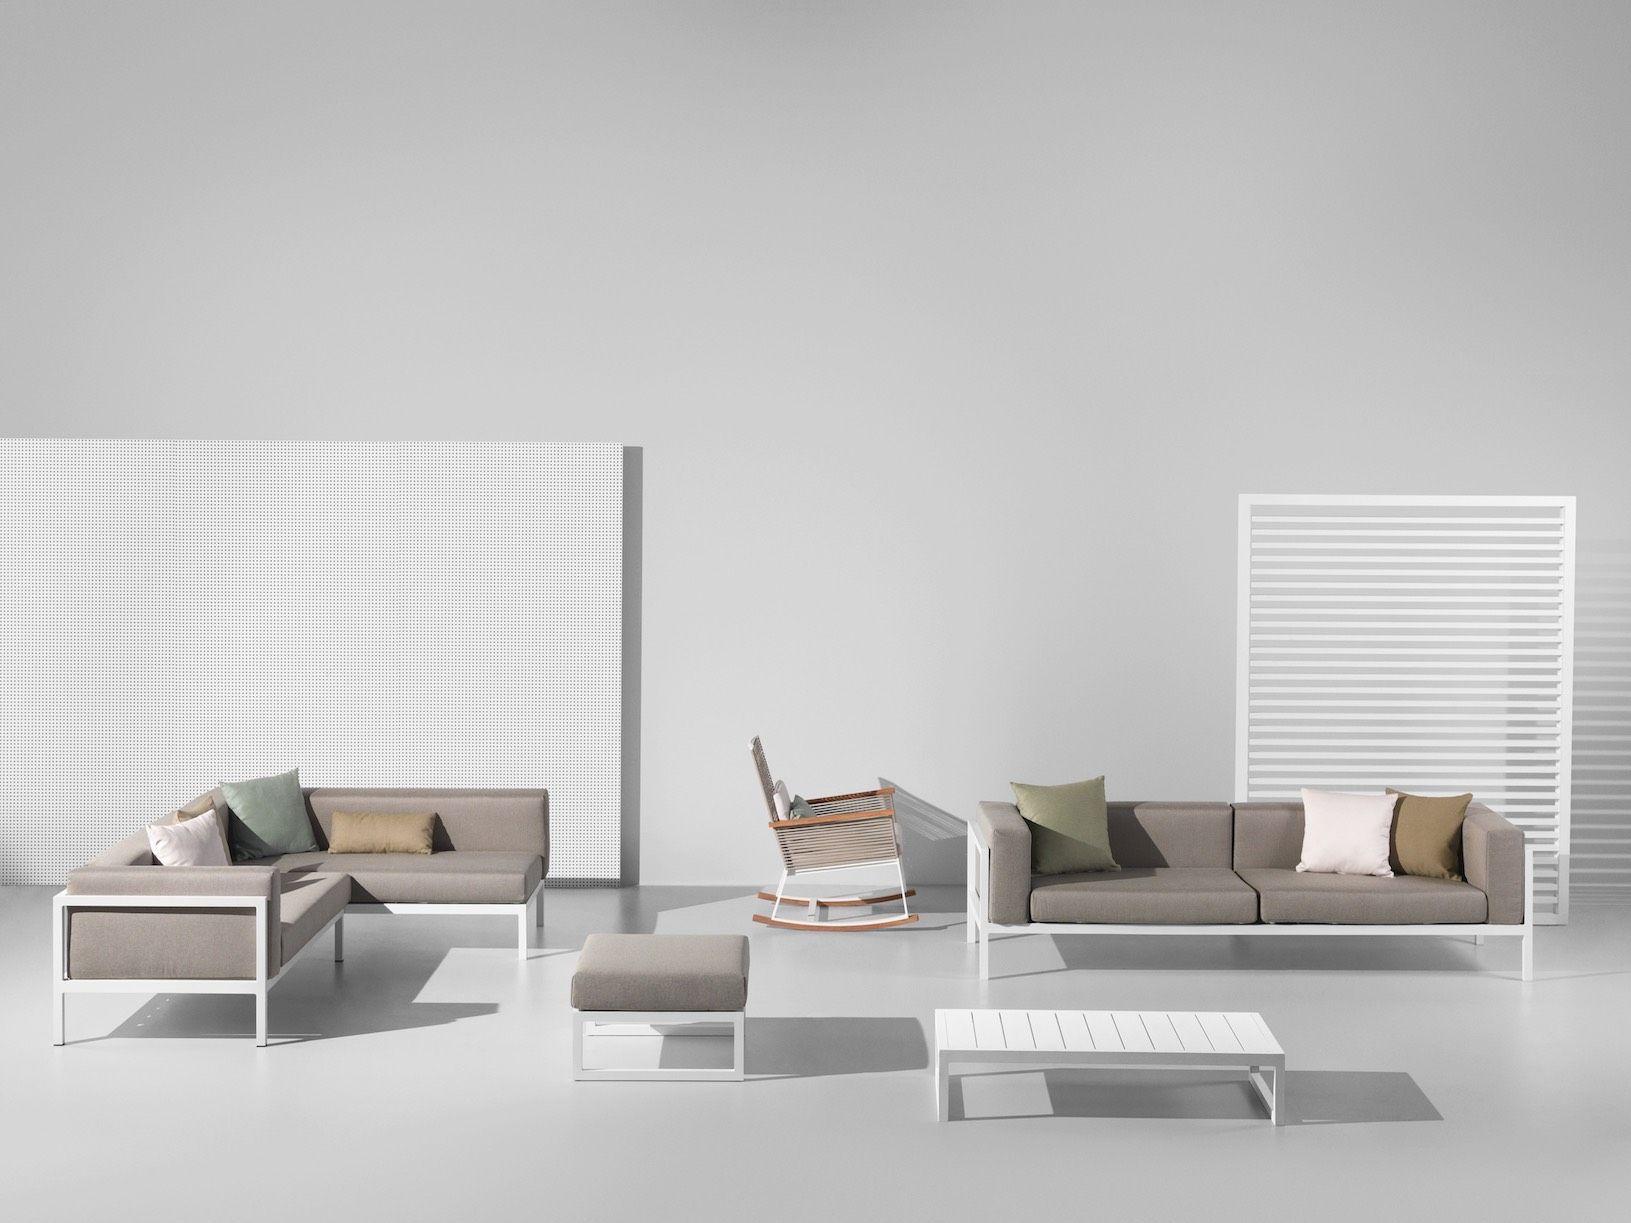 Landscape modular sofa by Kettal